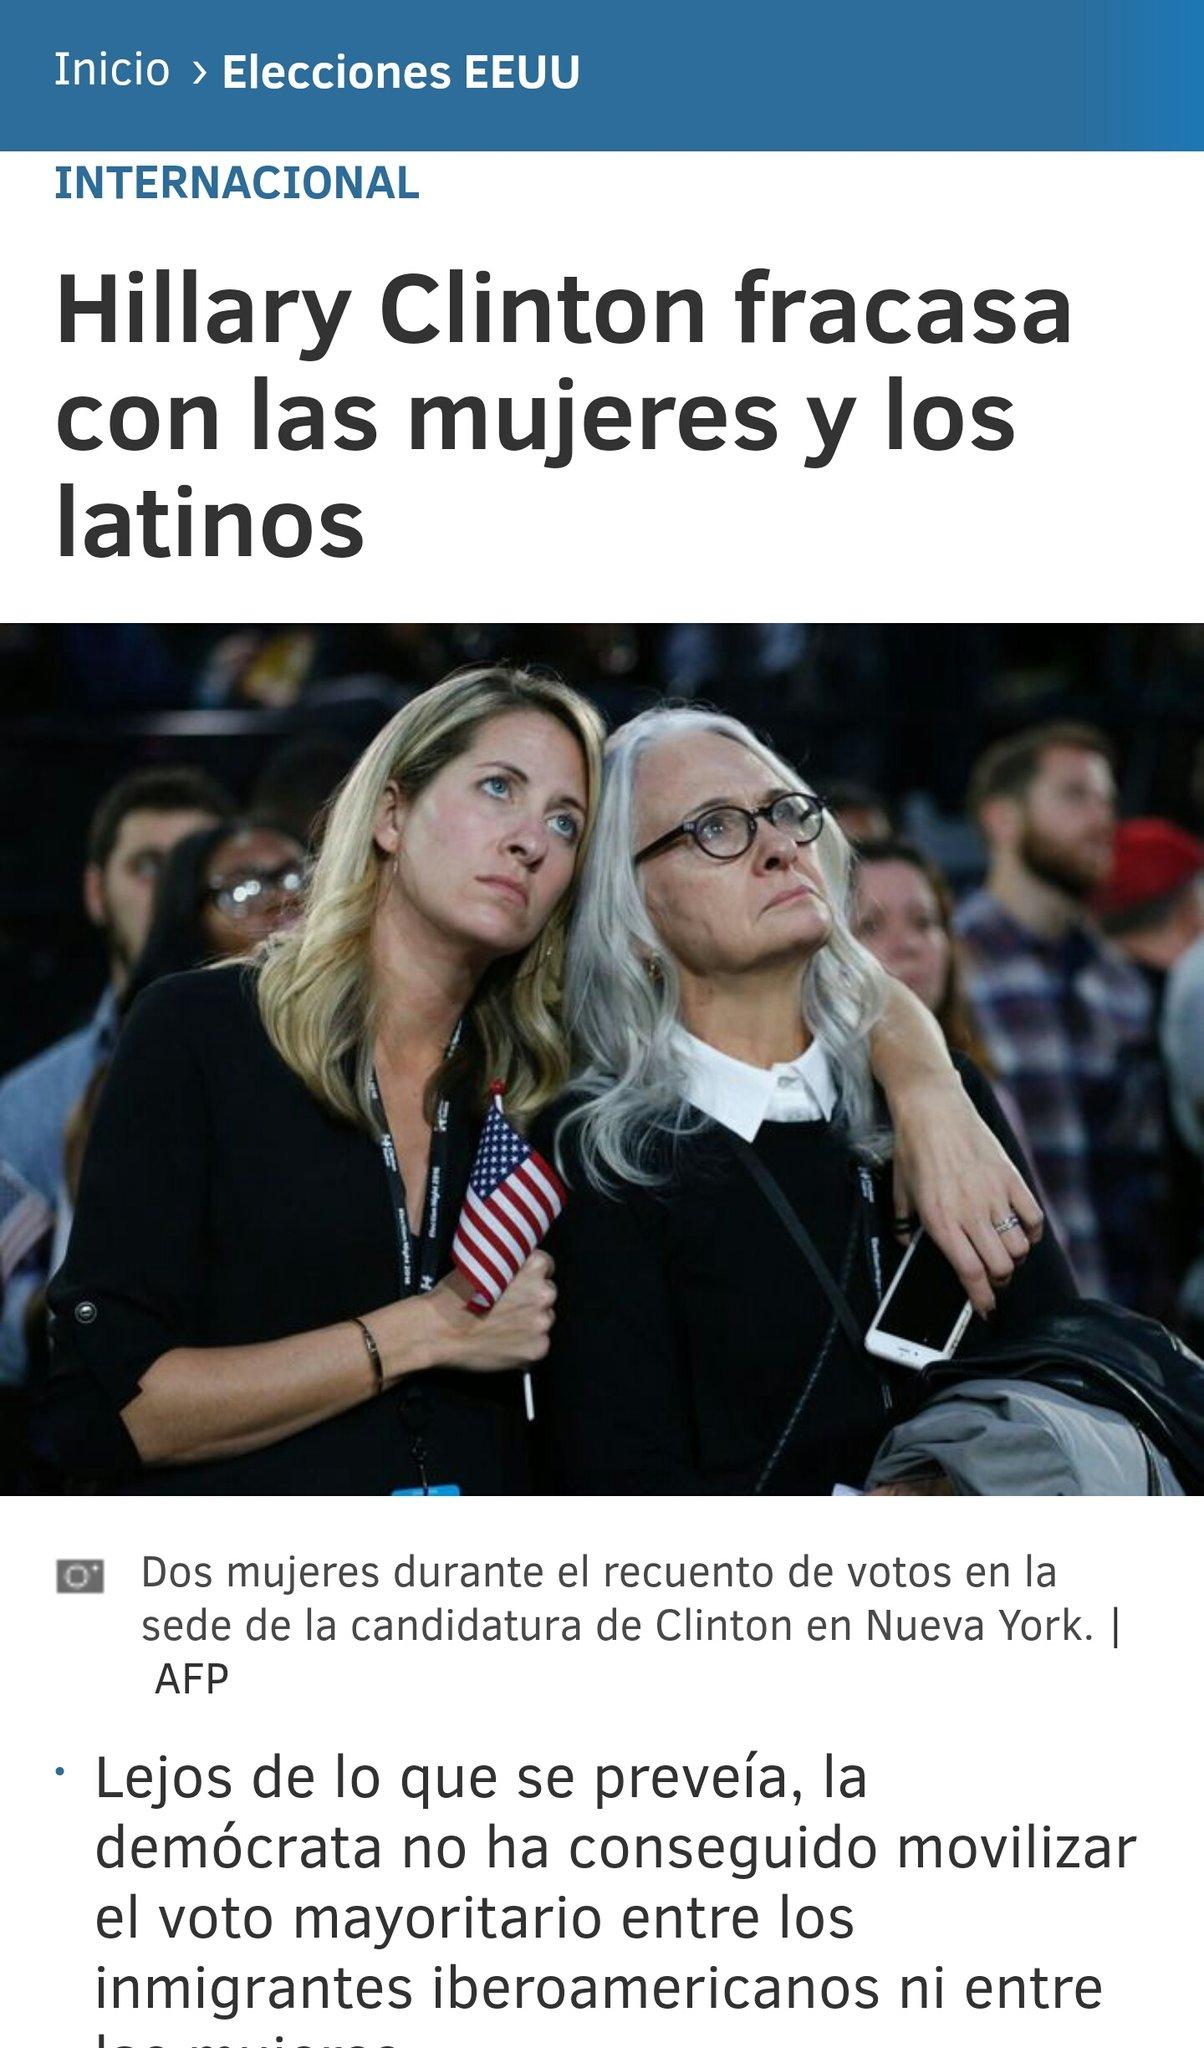 Cuando las mujeres y los latinos apoyan a un machista y racista es momento de hacer autocrítica. https://t.co/ejreubZeRw